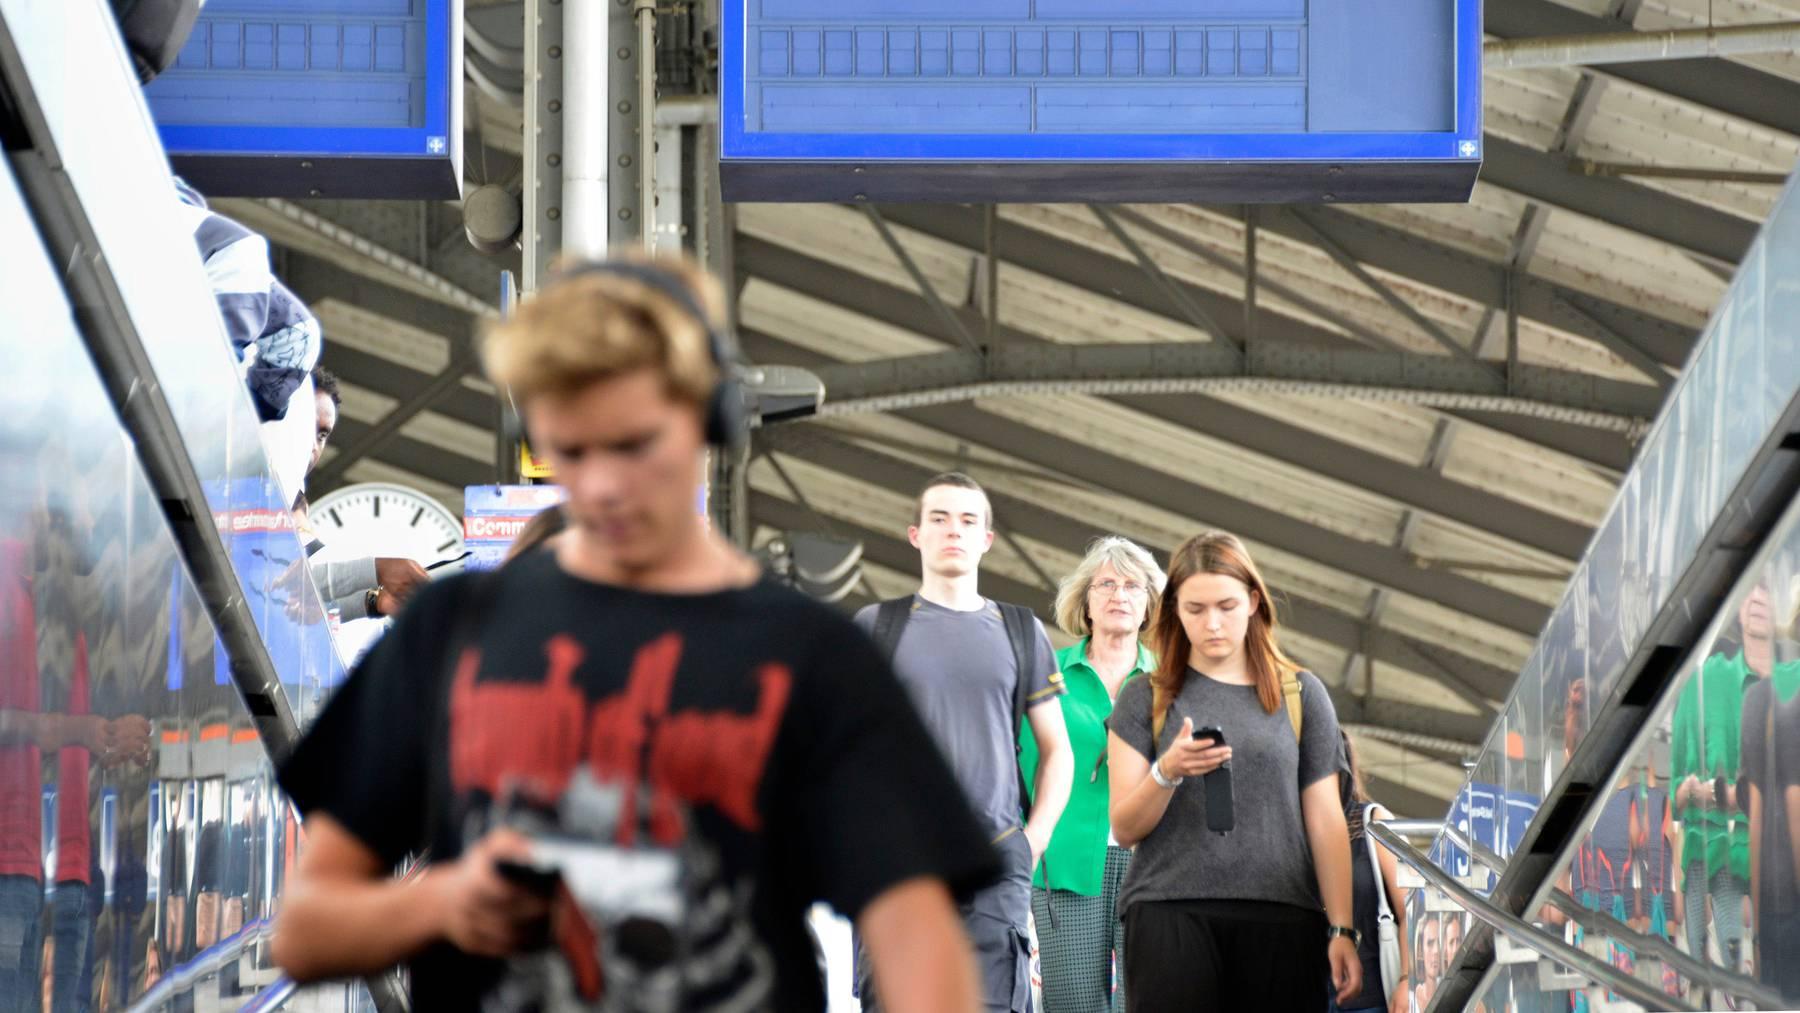 Wer mit über einer Stunde Verspätung an seinem Reiseziel ankommt, hat ab 2021 neu auch in der Schweiz Anspruch auf eine Entschädigung.